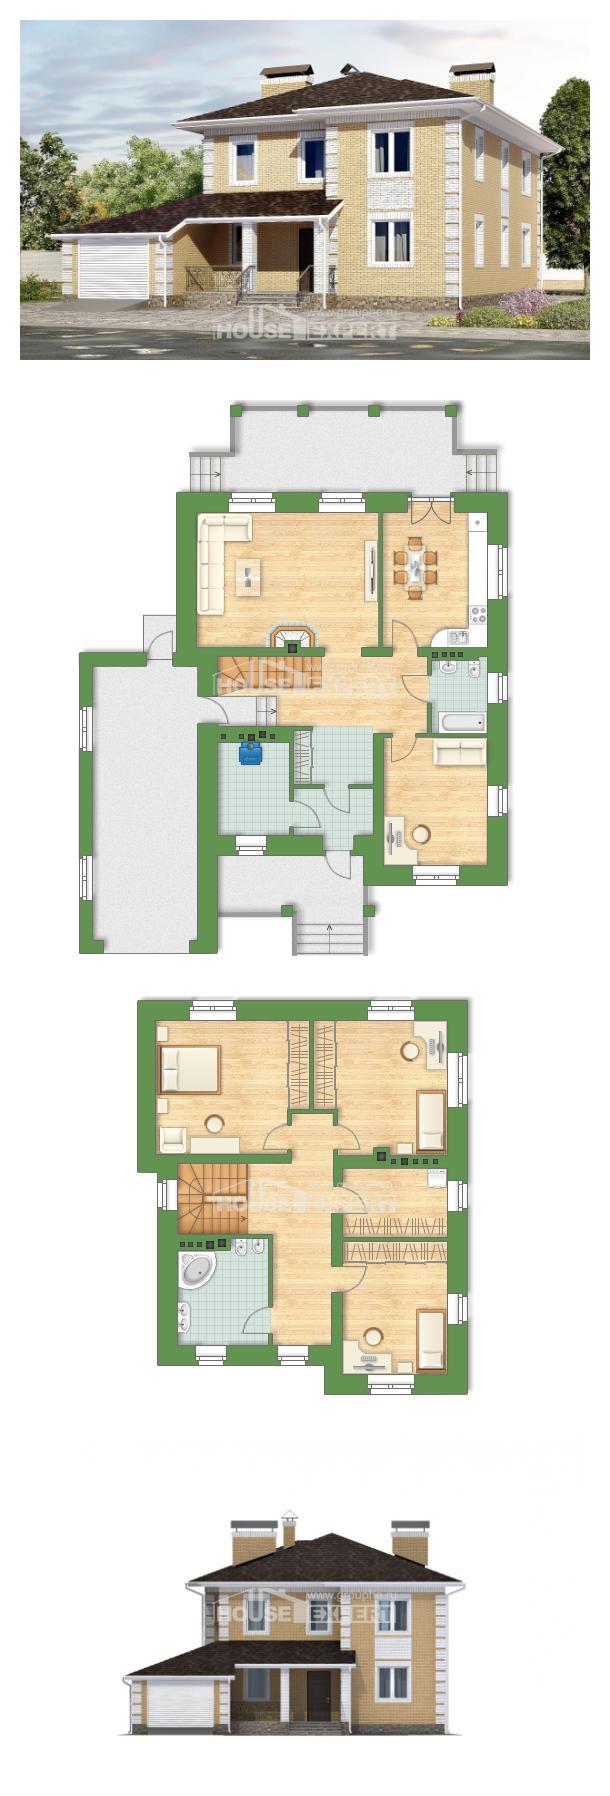 Plan 220-006-L | House Expert